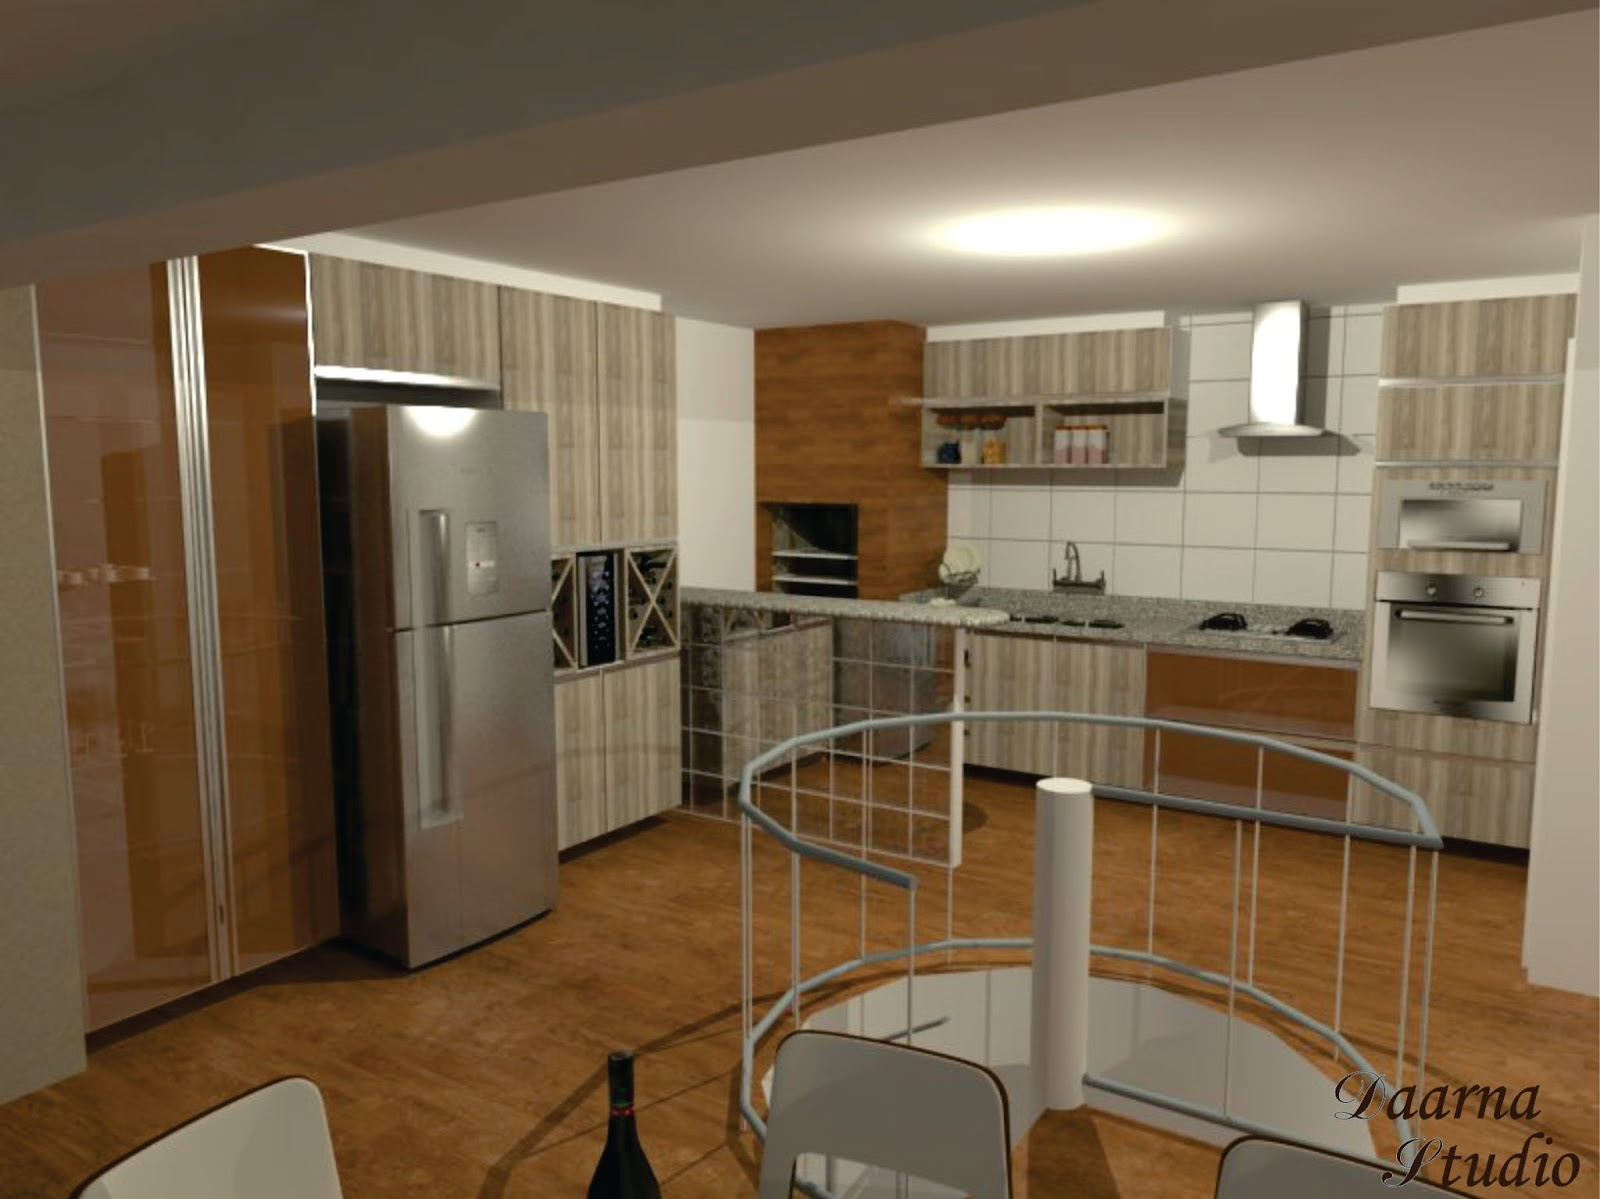 Daarna Arquitetura & Interiores: Projeto de Reforma Cozinha #664727 1600 1199